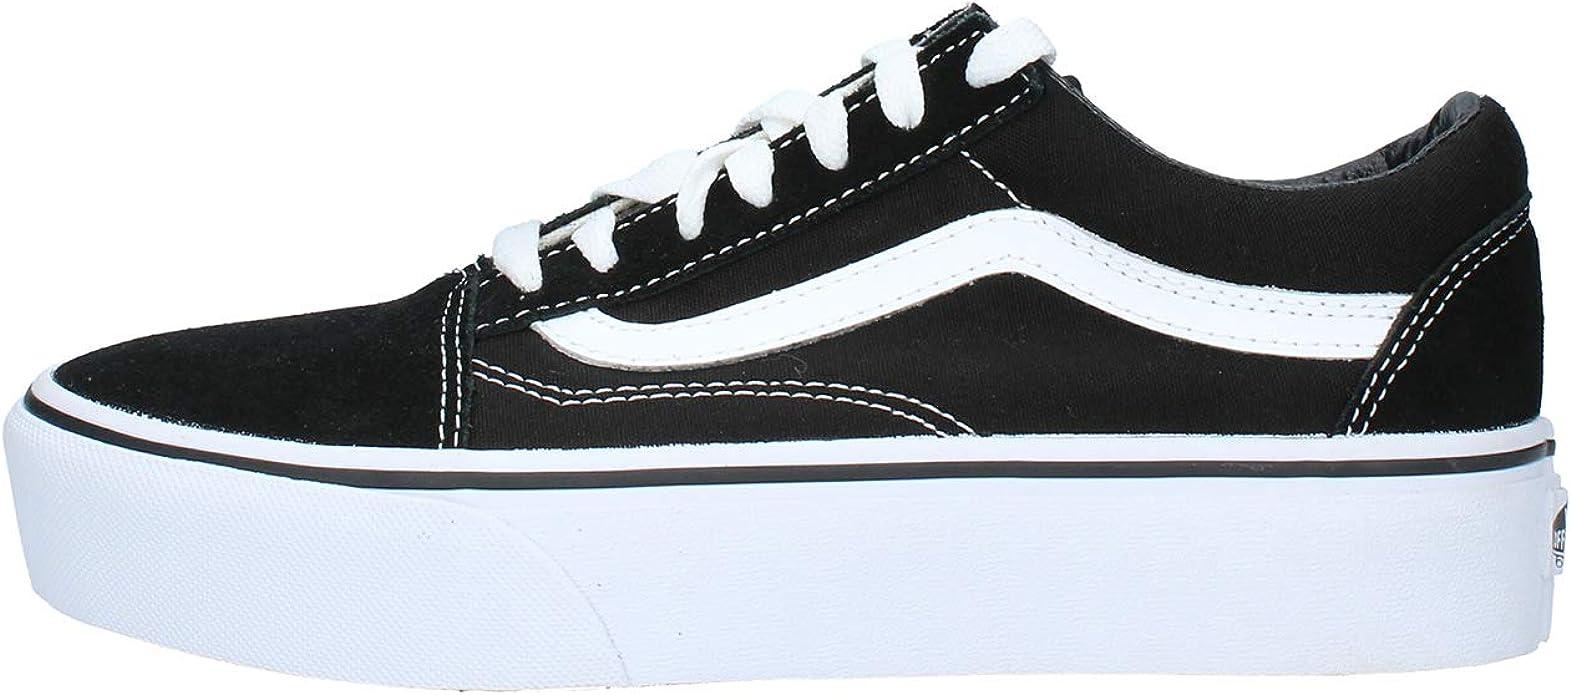 vans old skool noir taille 35